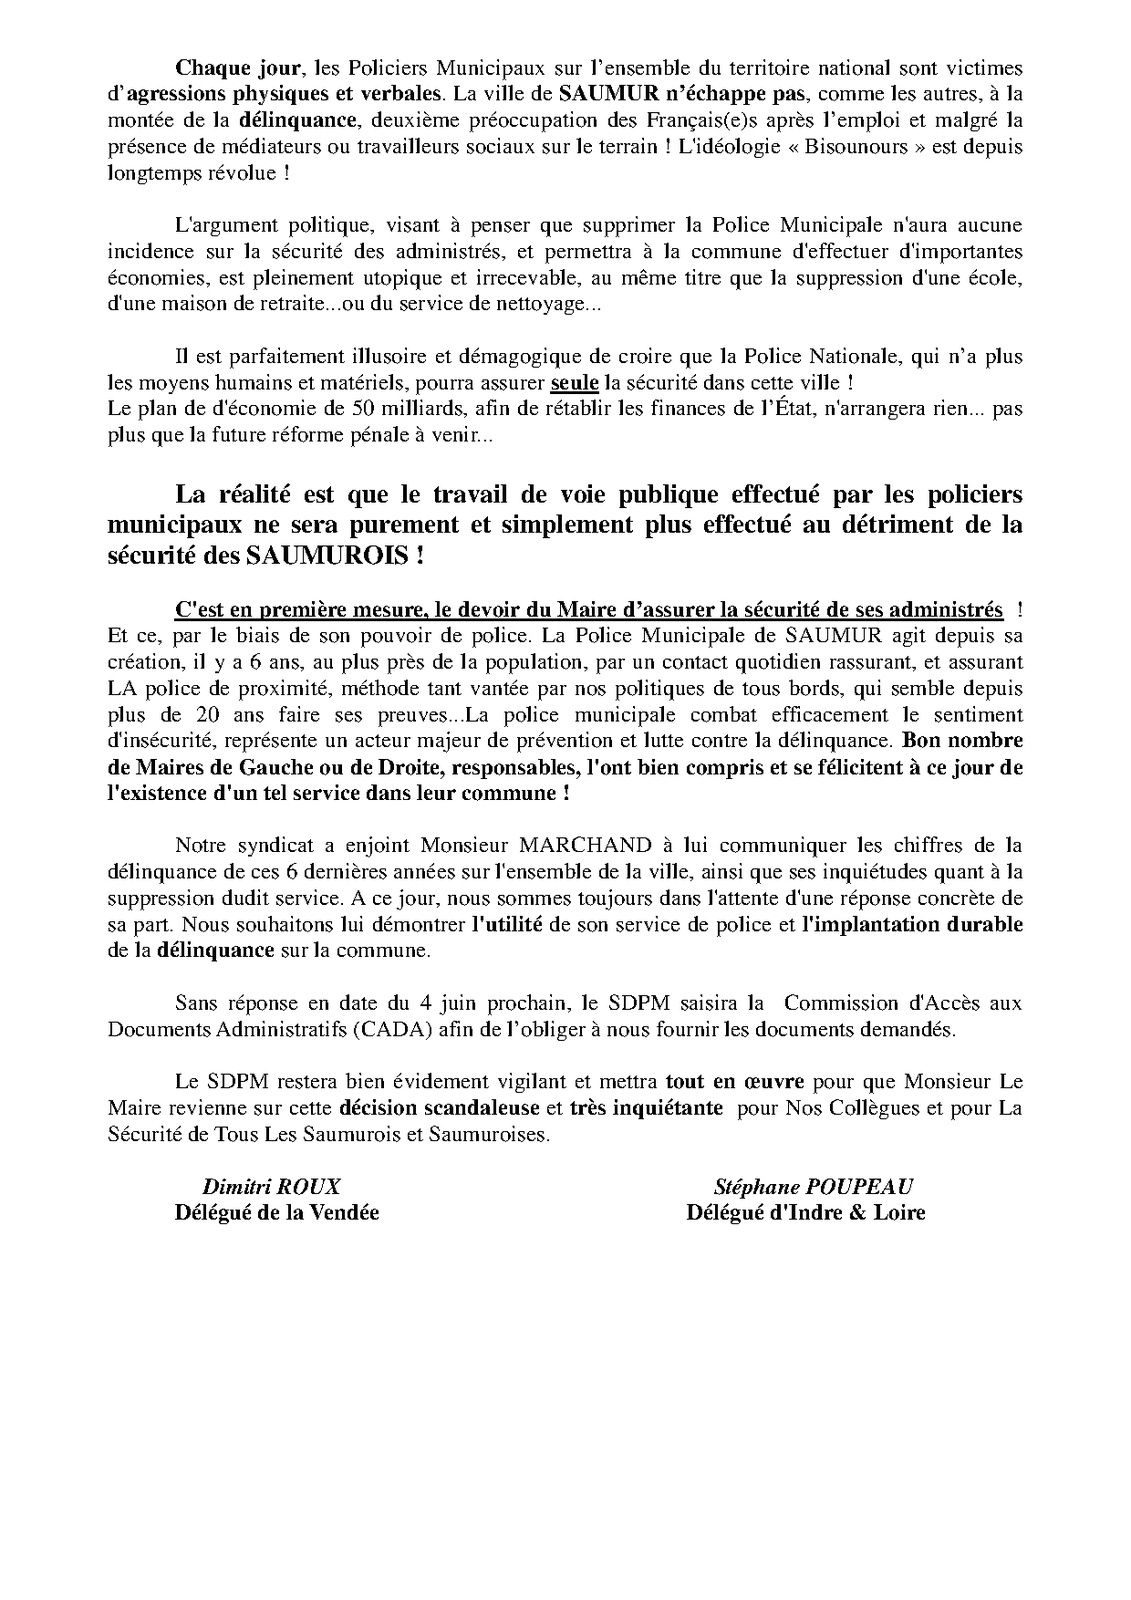 Saumur (49) : Fermeture de la police municipale par le Maire - Le SDPM entre en lutte